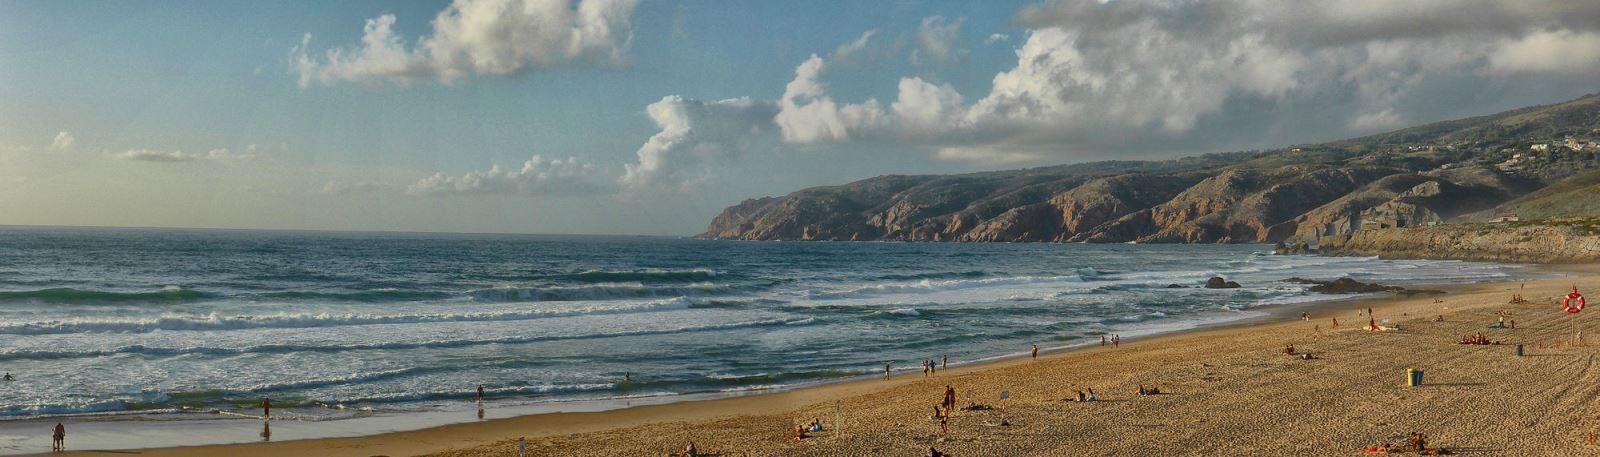 Linha de Cascais | Praia do Guincho